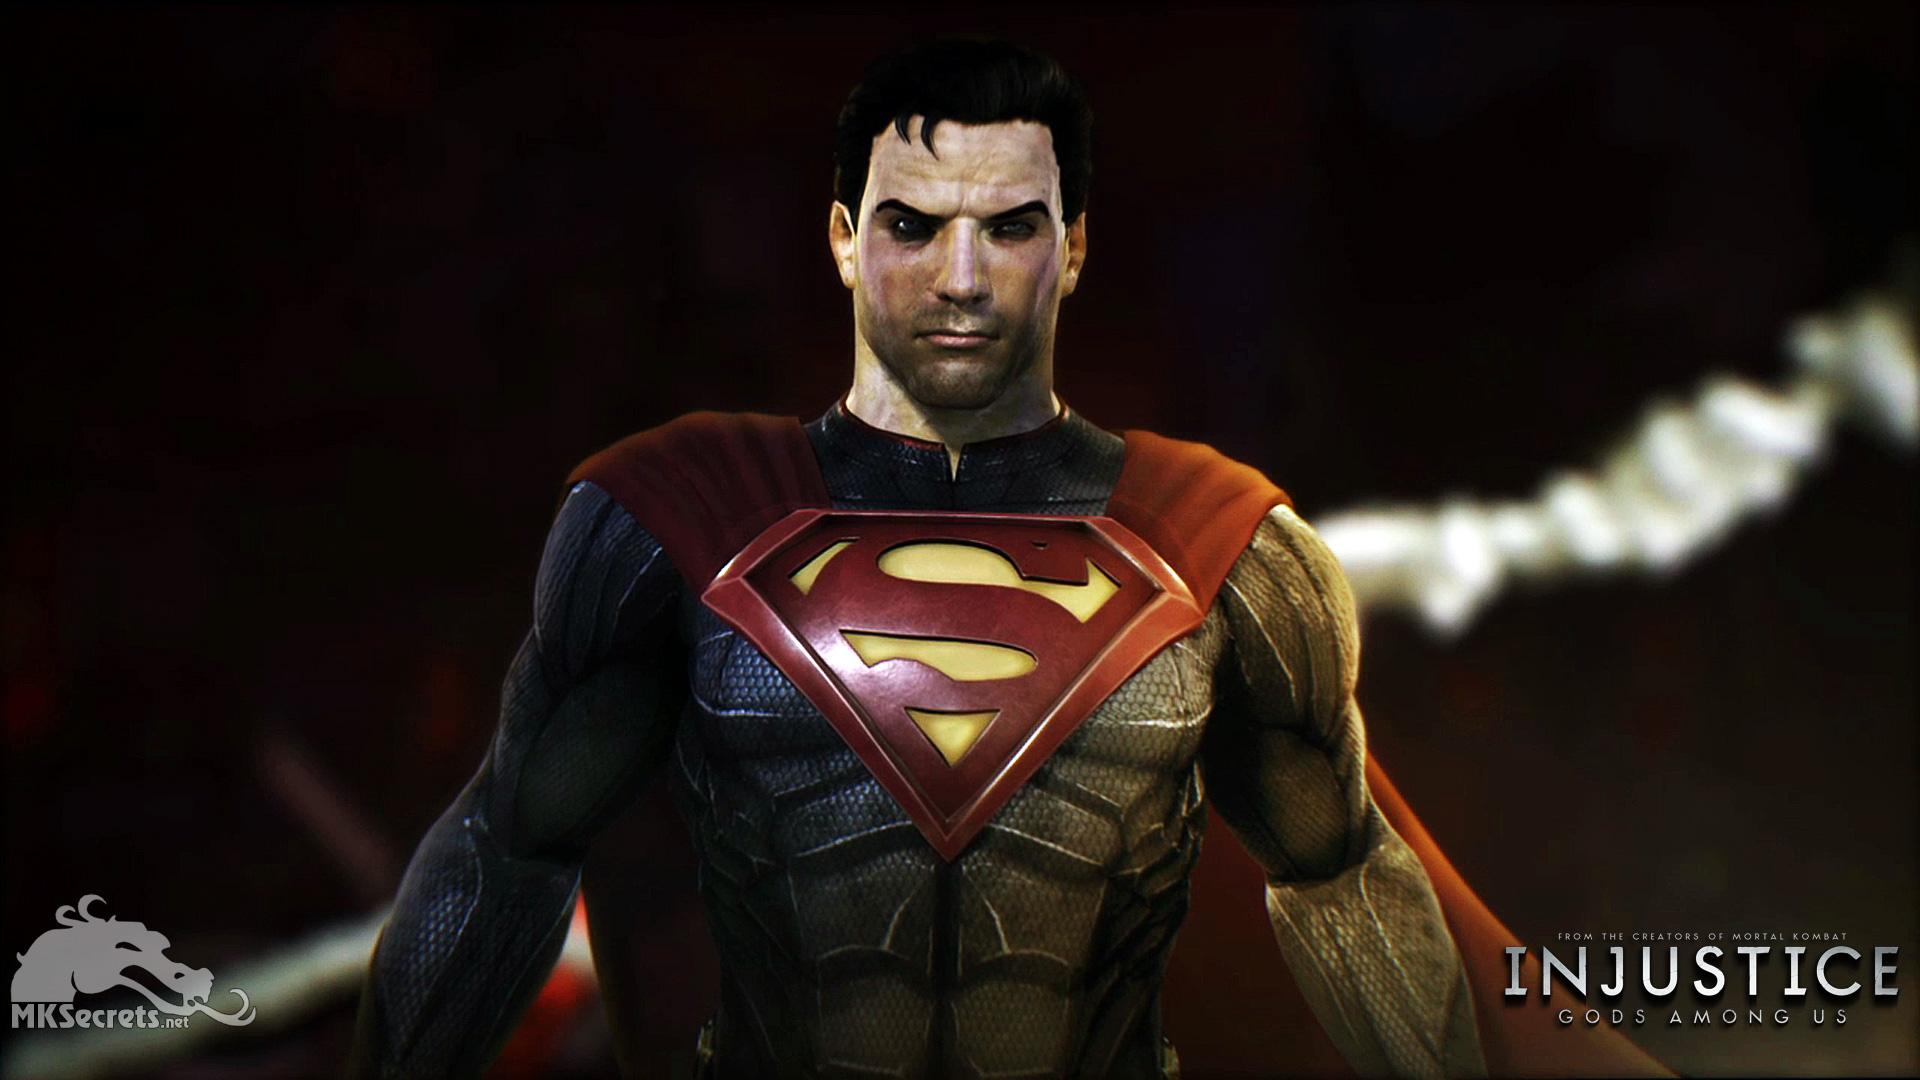 http://www.mksecrets.net/images/injustice/injustice-gods-among-us-wallpaper-superman.jpg